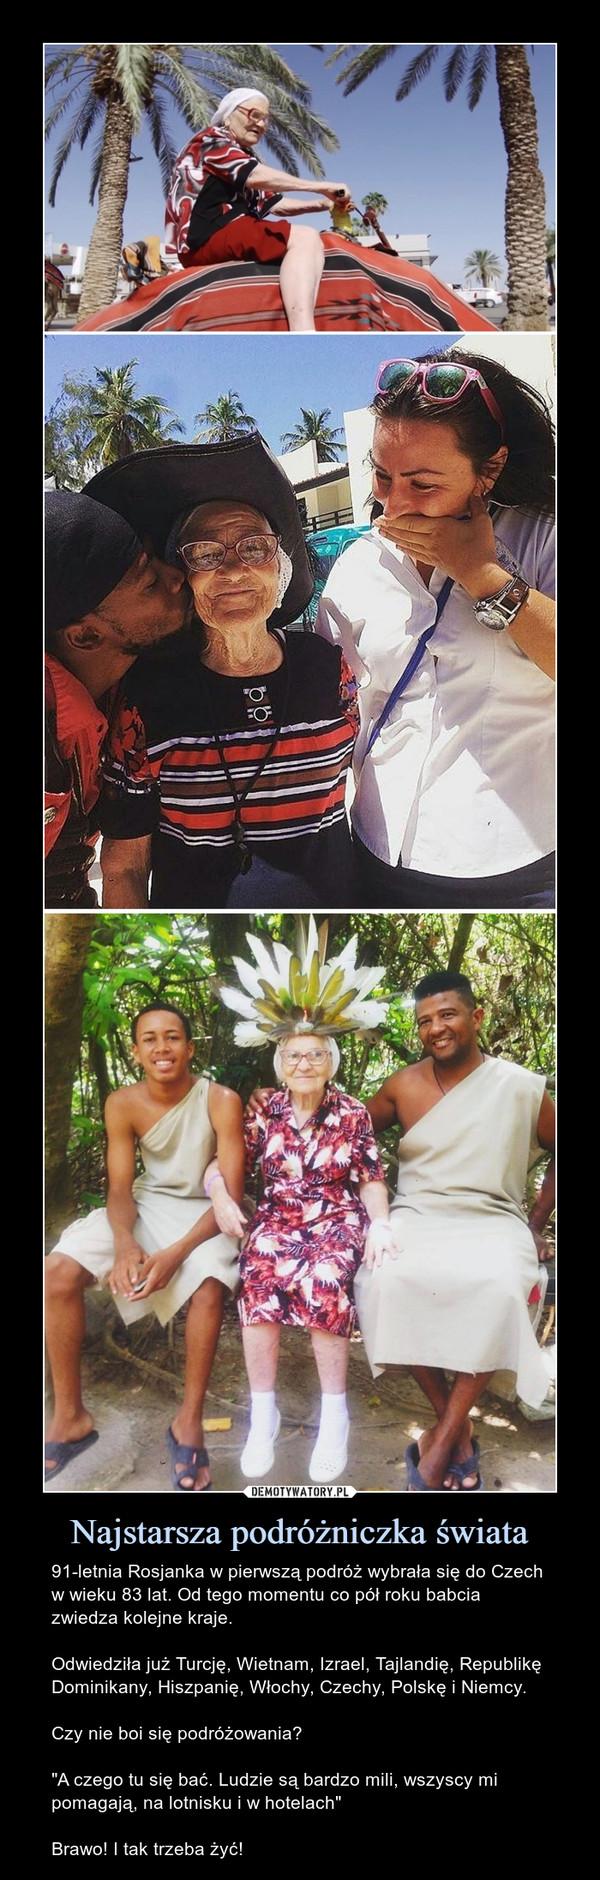 """Najstarsza podróżniczka świata – 91-letnia Rosjanka w pierwszą podróż wybrała się do Czech w wieku 83 lat. Od tego momentu co pół roku babcia zwiedza kolejne kraje.Odwiedziła już Turcję, Wietnam, Izrael, Tajlandię, Republikę Dominikany, Hiszpanię, Włochy, Czechy, Polskę i Niemcy.Czy nie boi się podróżowania?""""A czego tu się bać. Ludzie są bardzo mili, wszyscy mi pomagają, na lotnisku i w hotelach""""Brawo! I tak trzeba żyć!"""